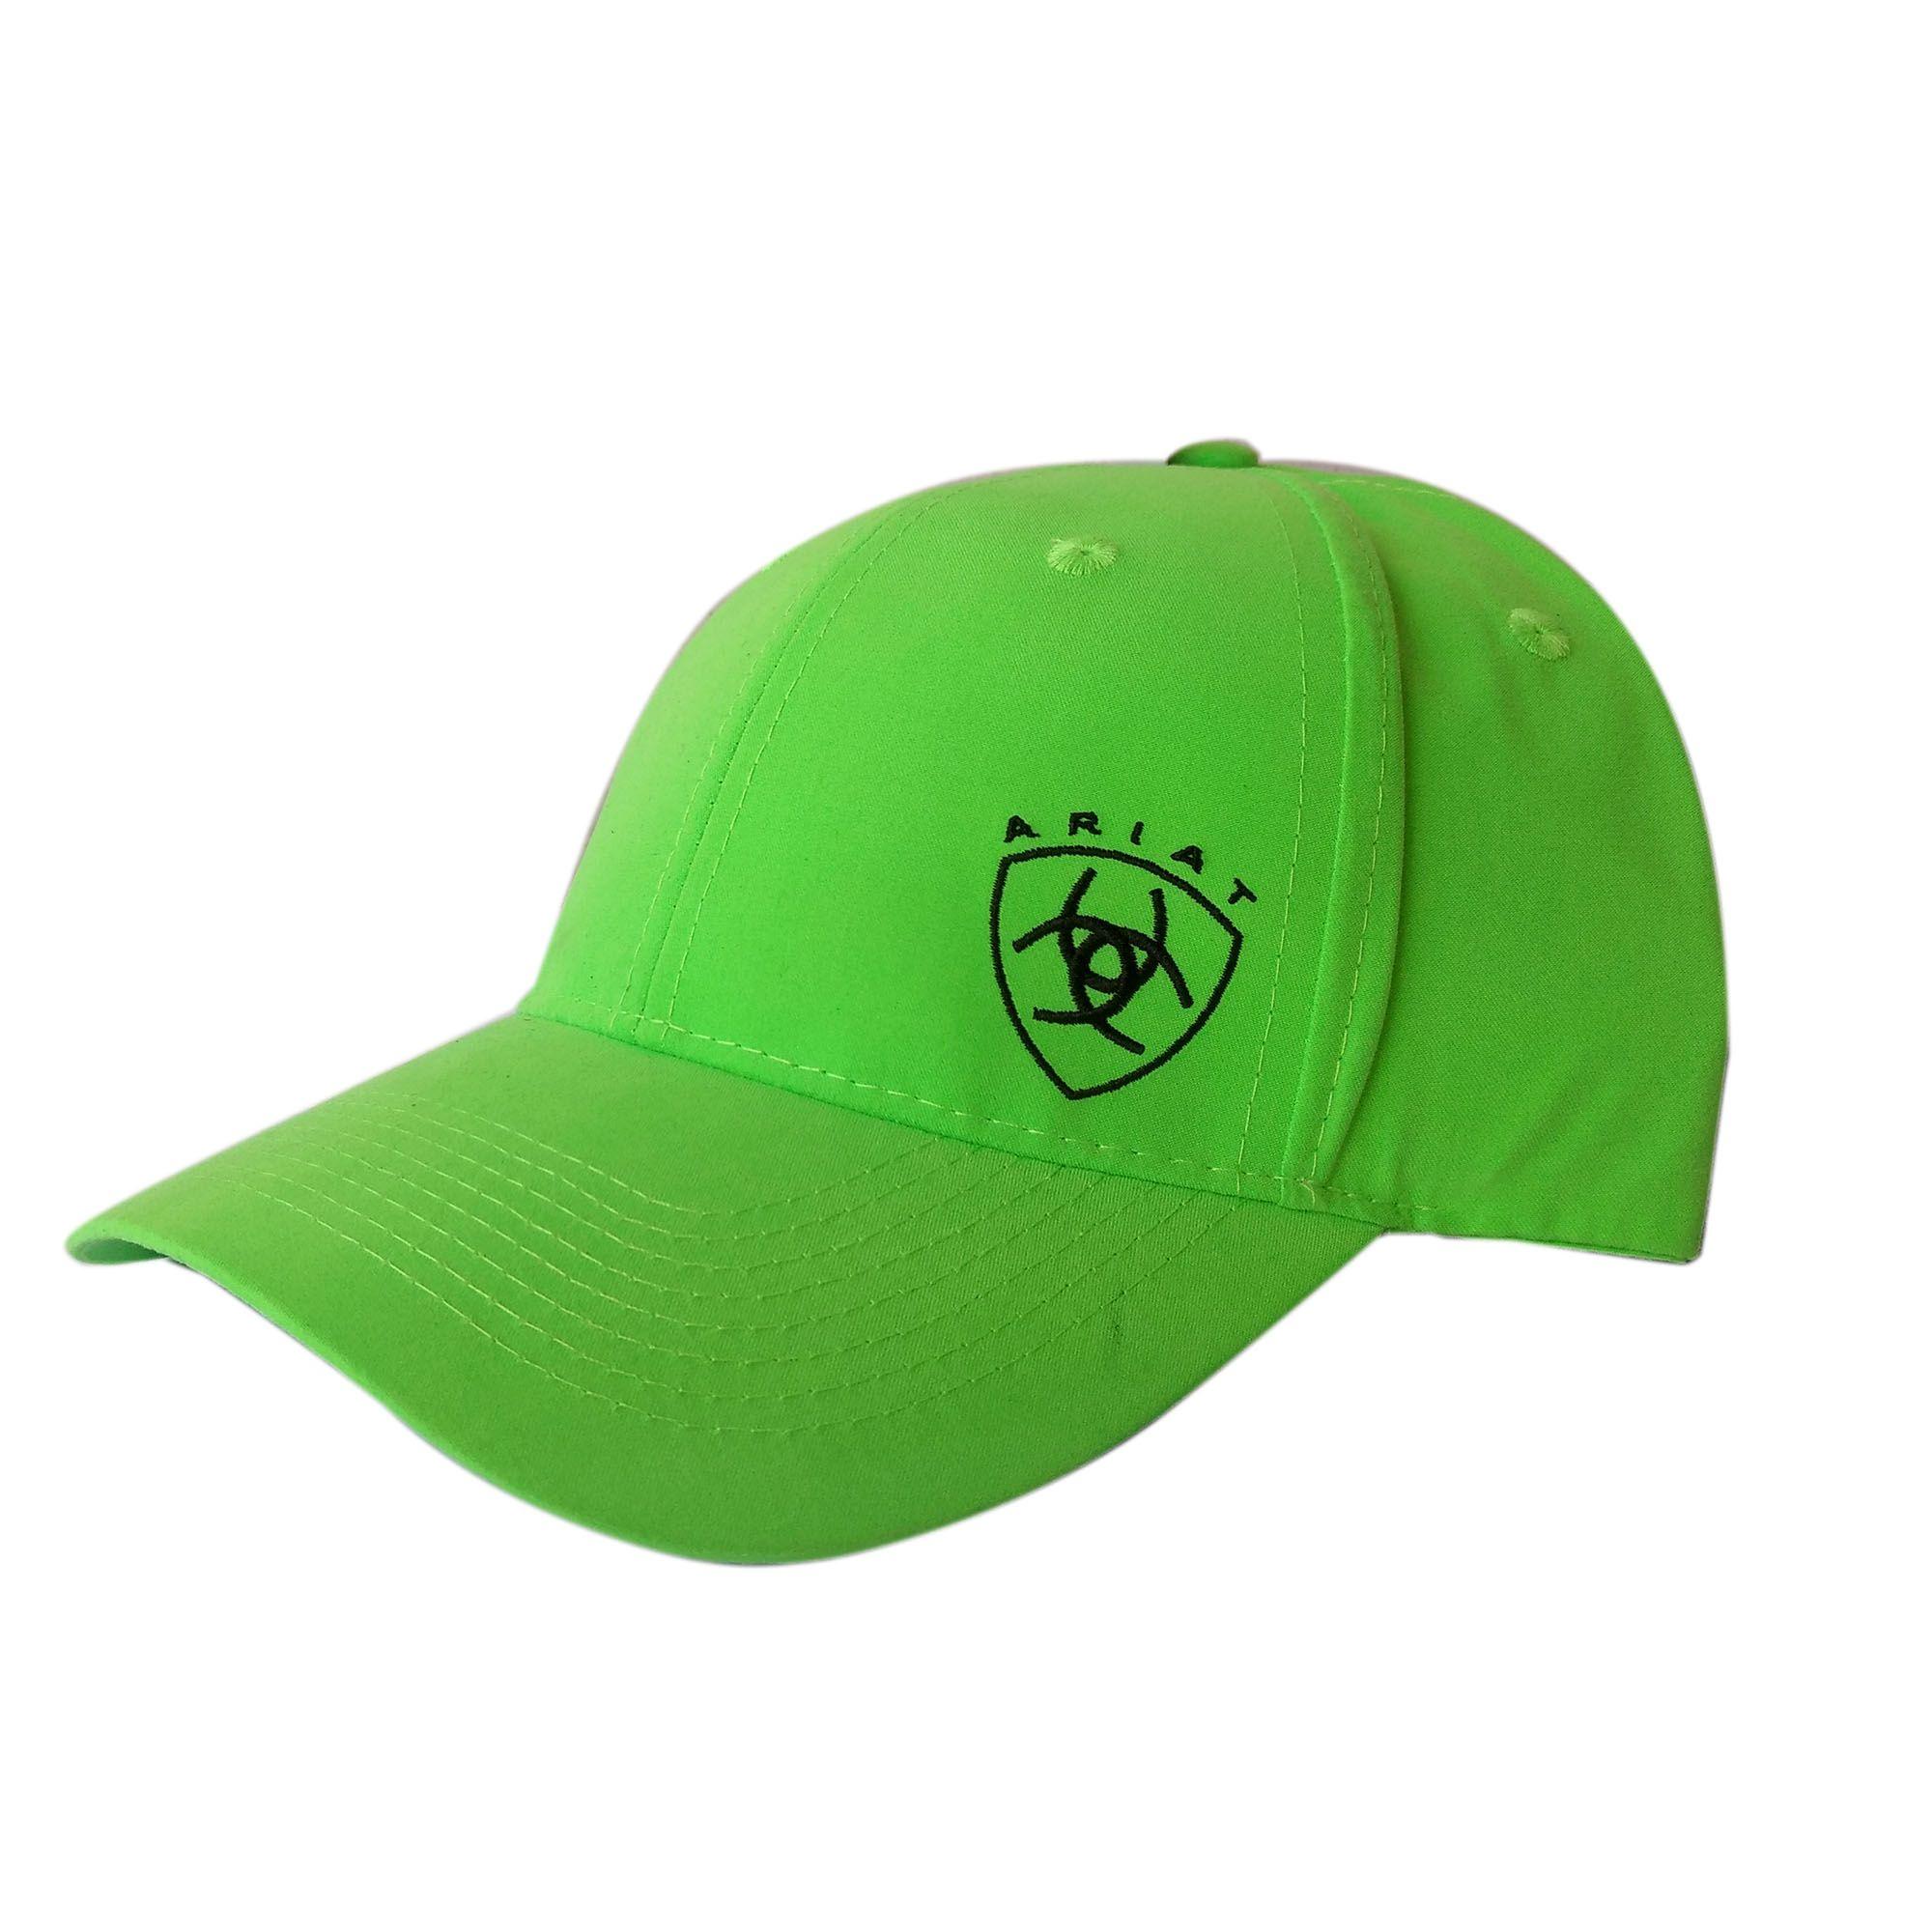 Boné Importado Ariat Verde Limao 823